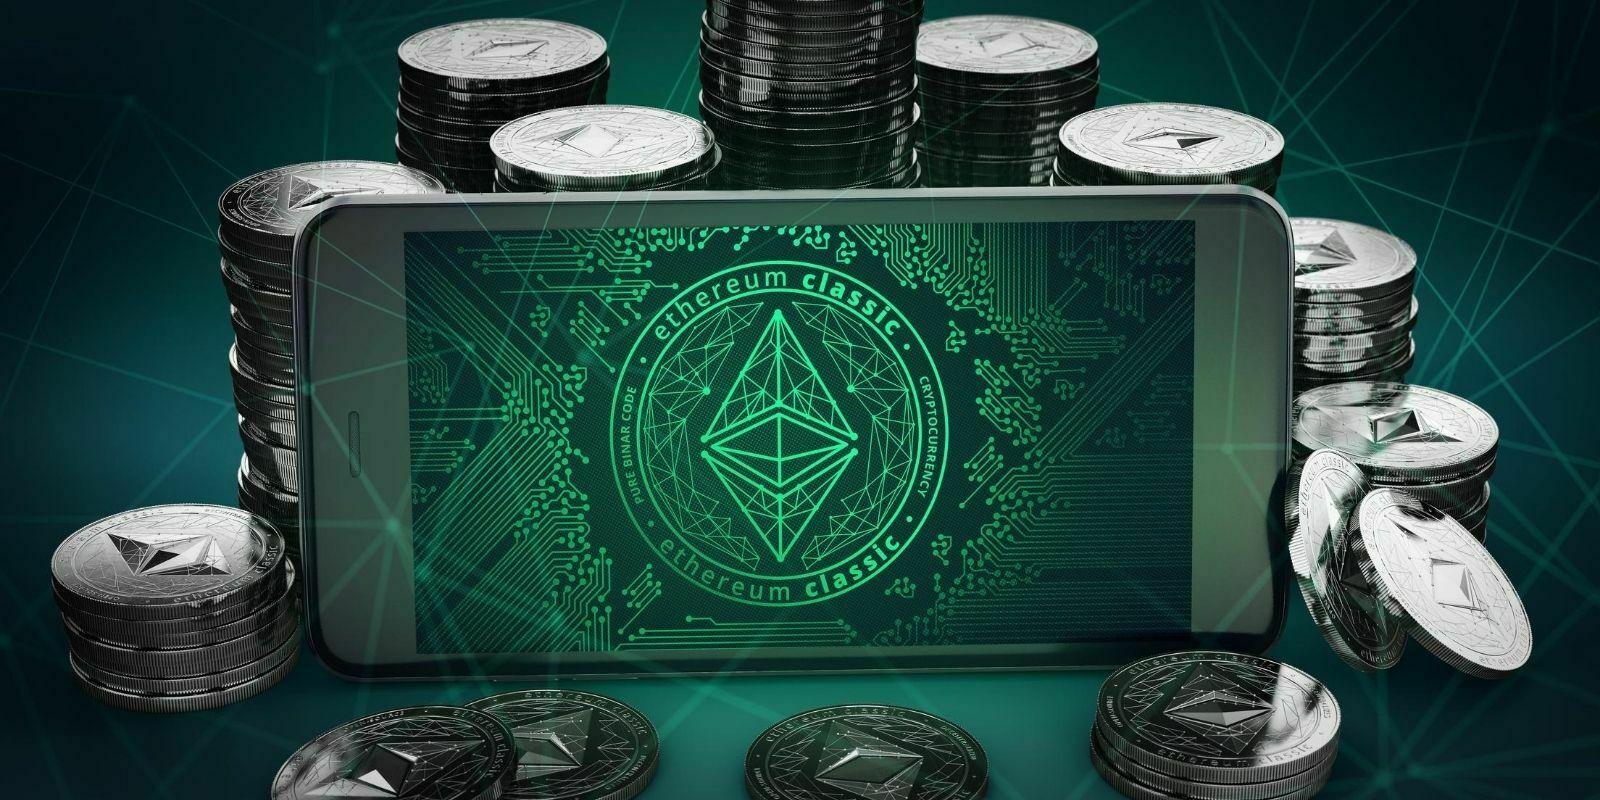 Ethereum Classic (ETC) dévoile son plan visant à sécuriser sa blockchain